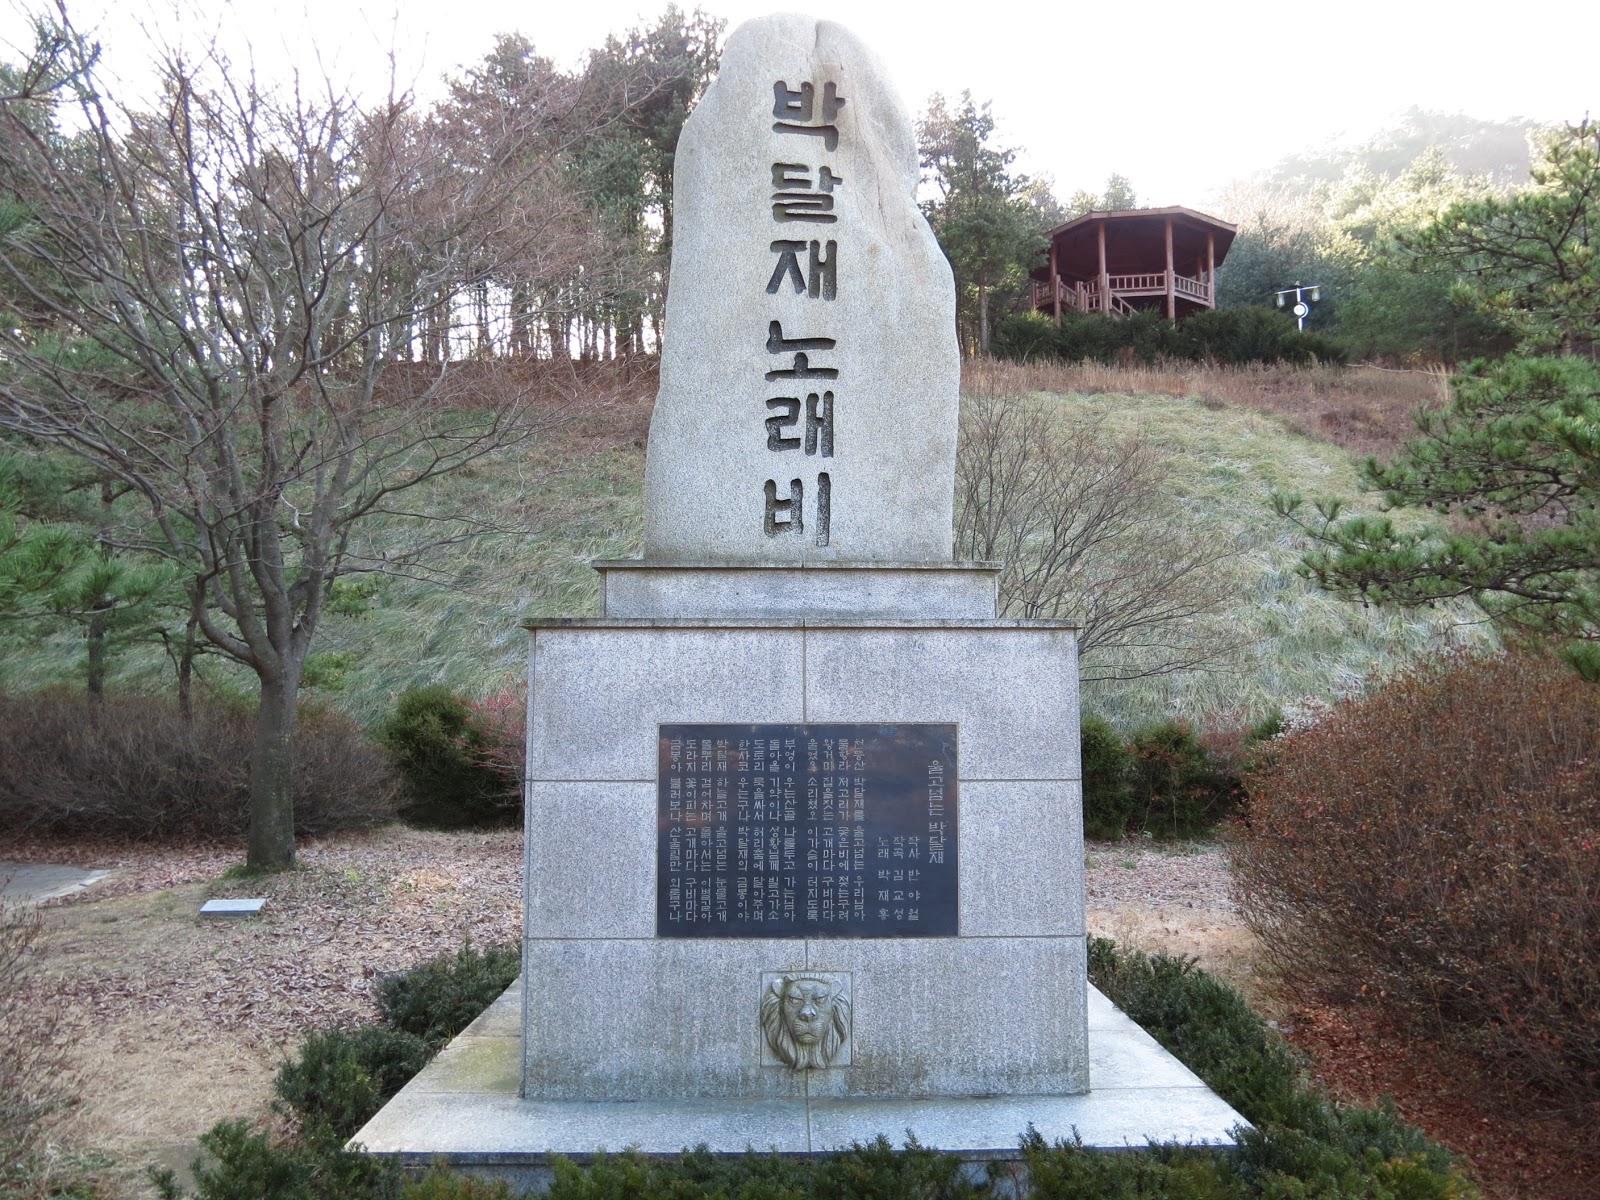 20121118_충북제천_박달재_IMG_4889.JPG